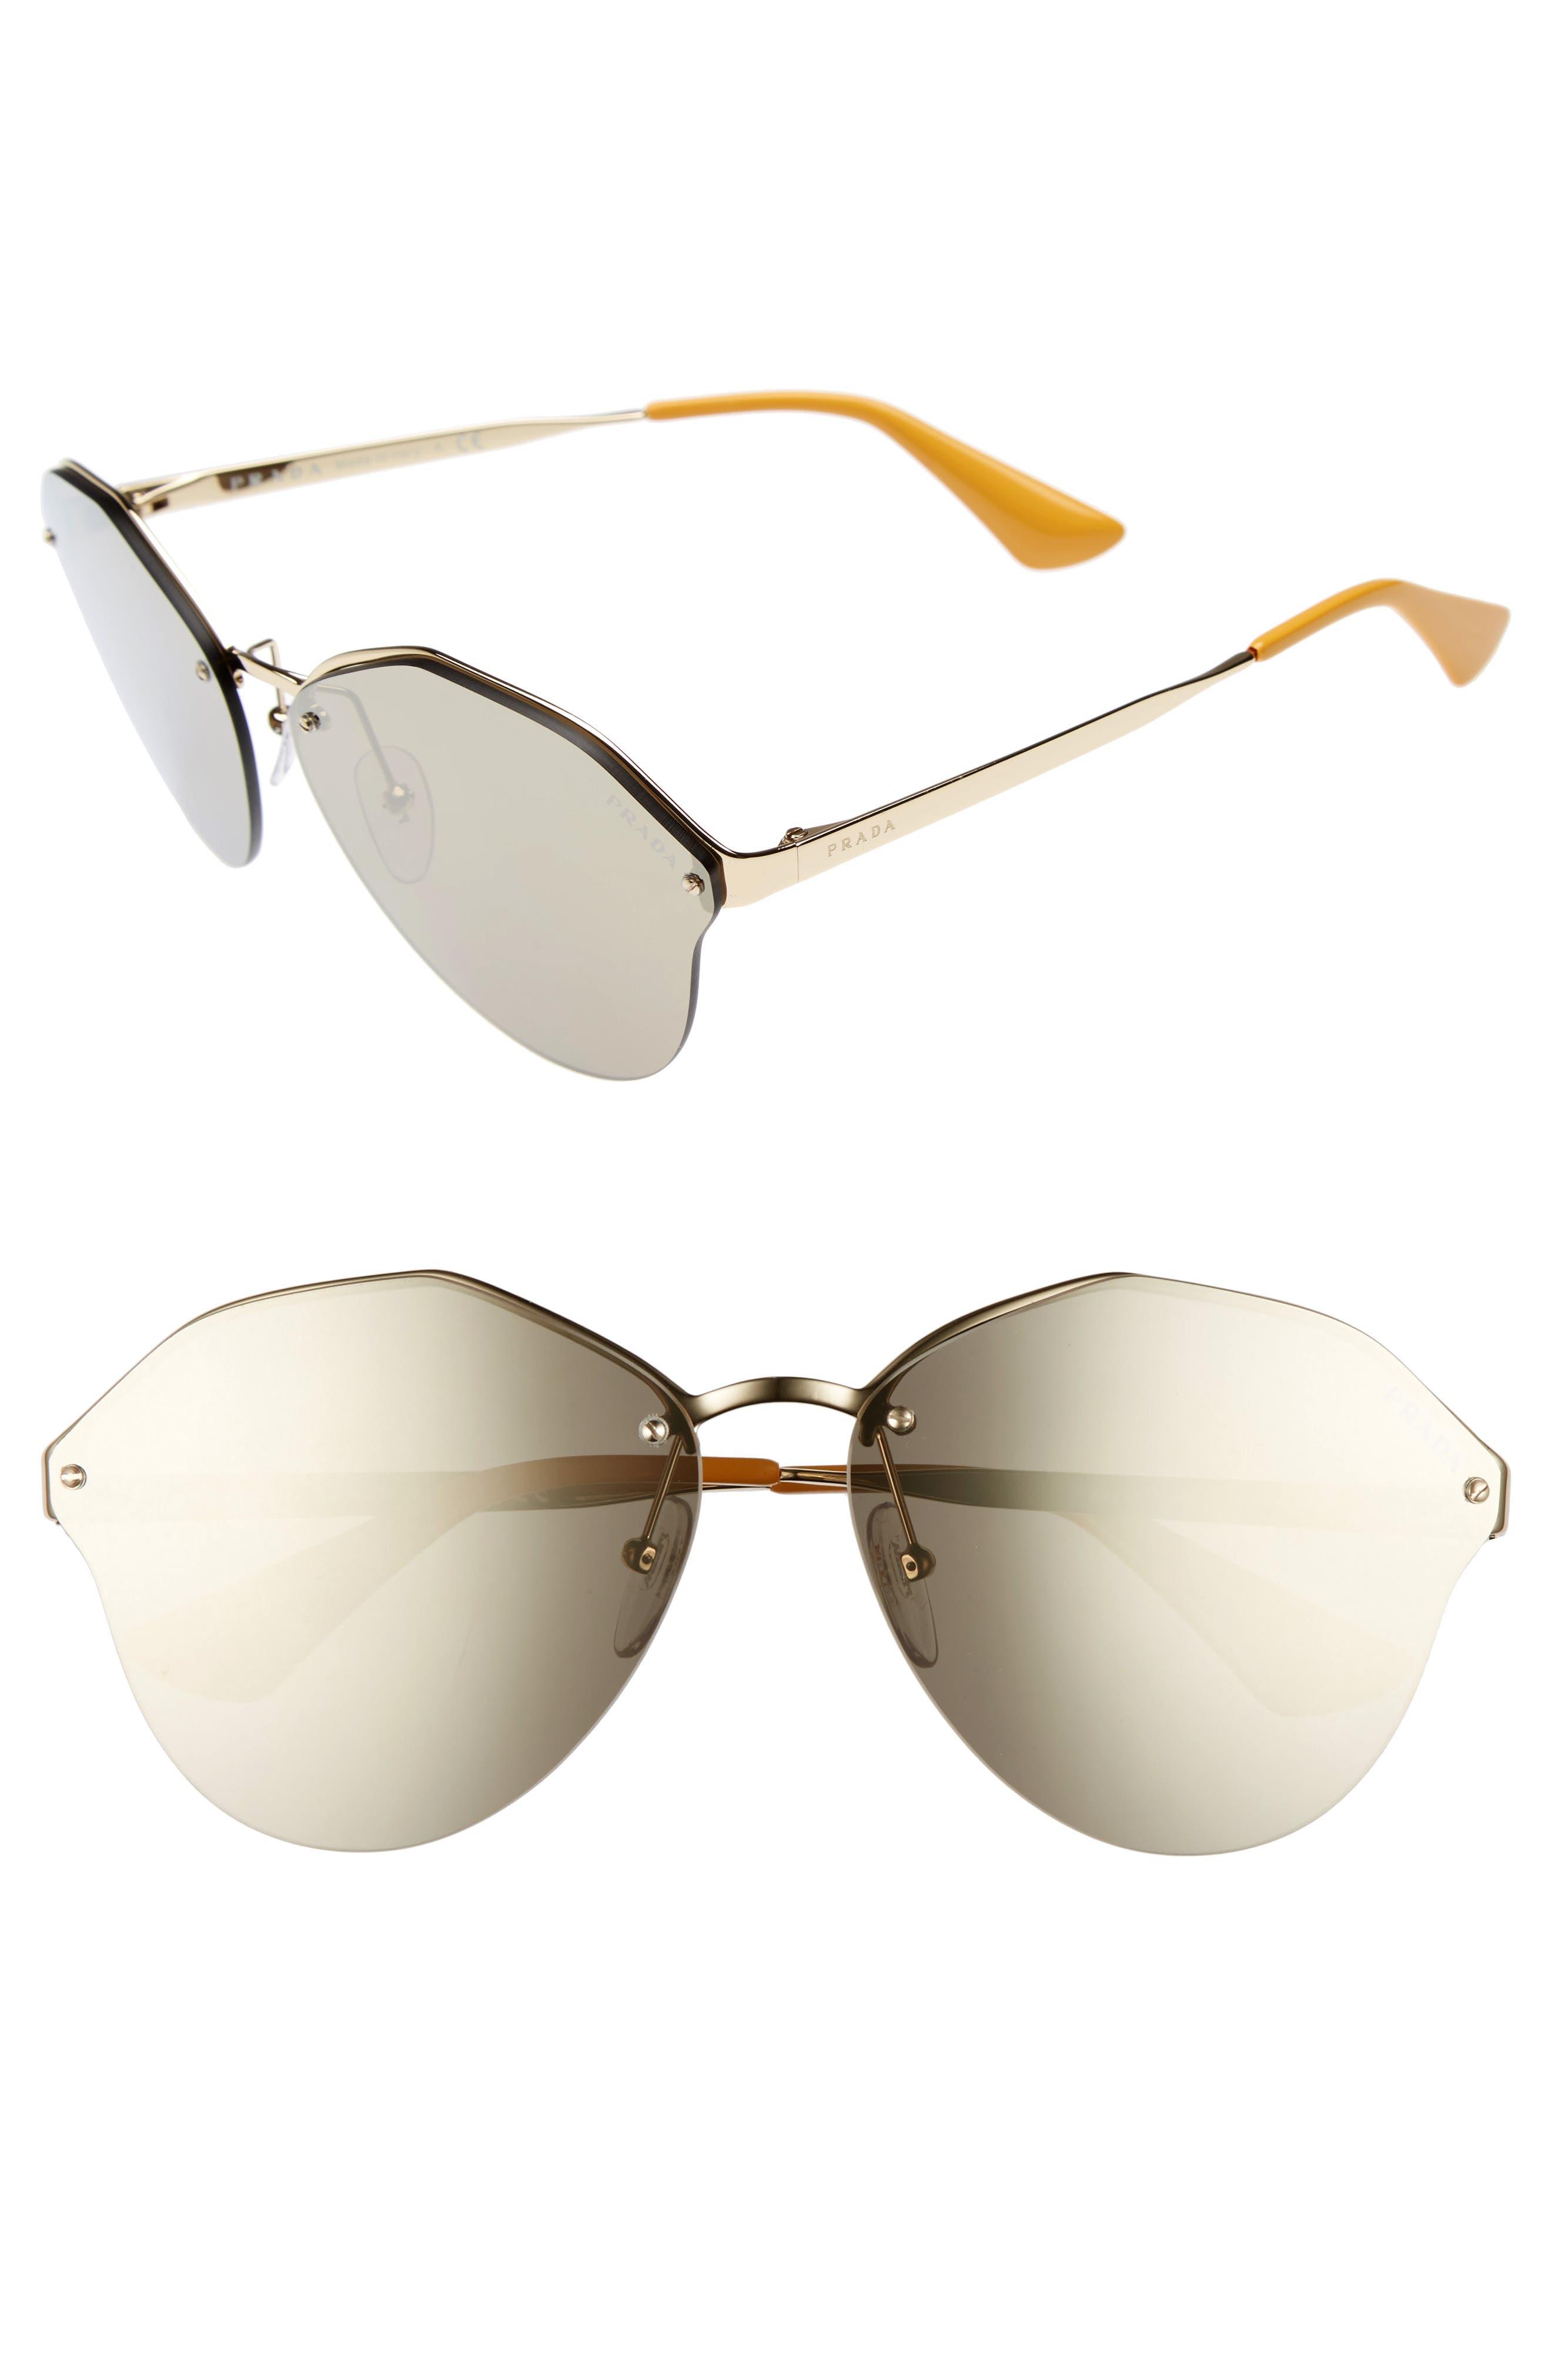 PRADA 66mm Oversize Rimless Sunglasses